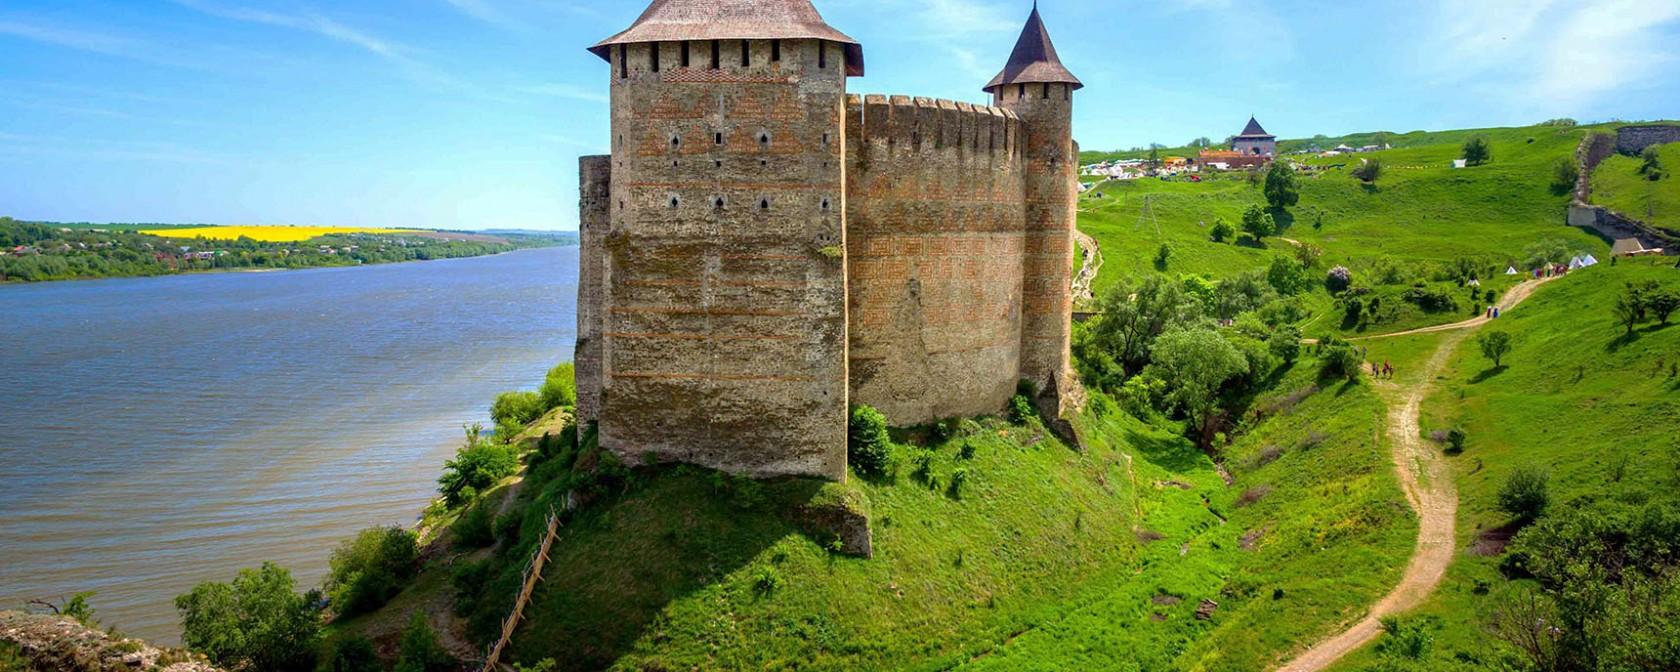 Хотынская крепость